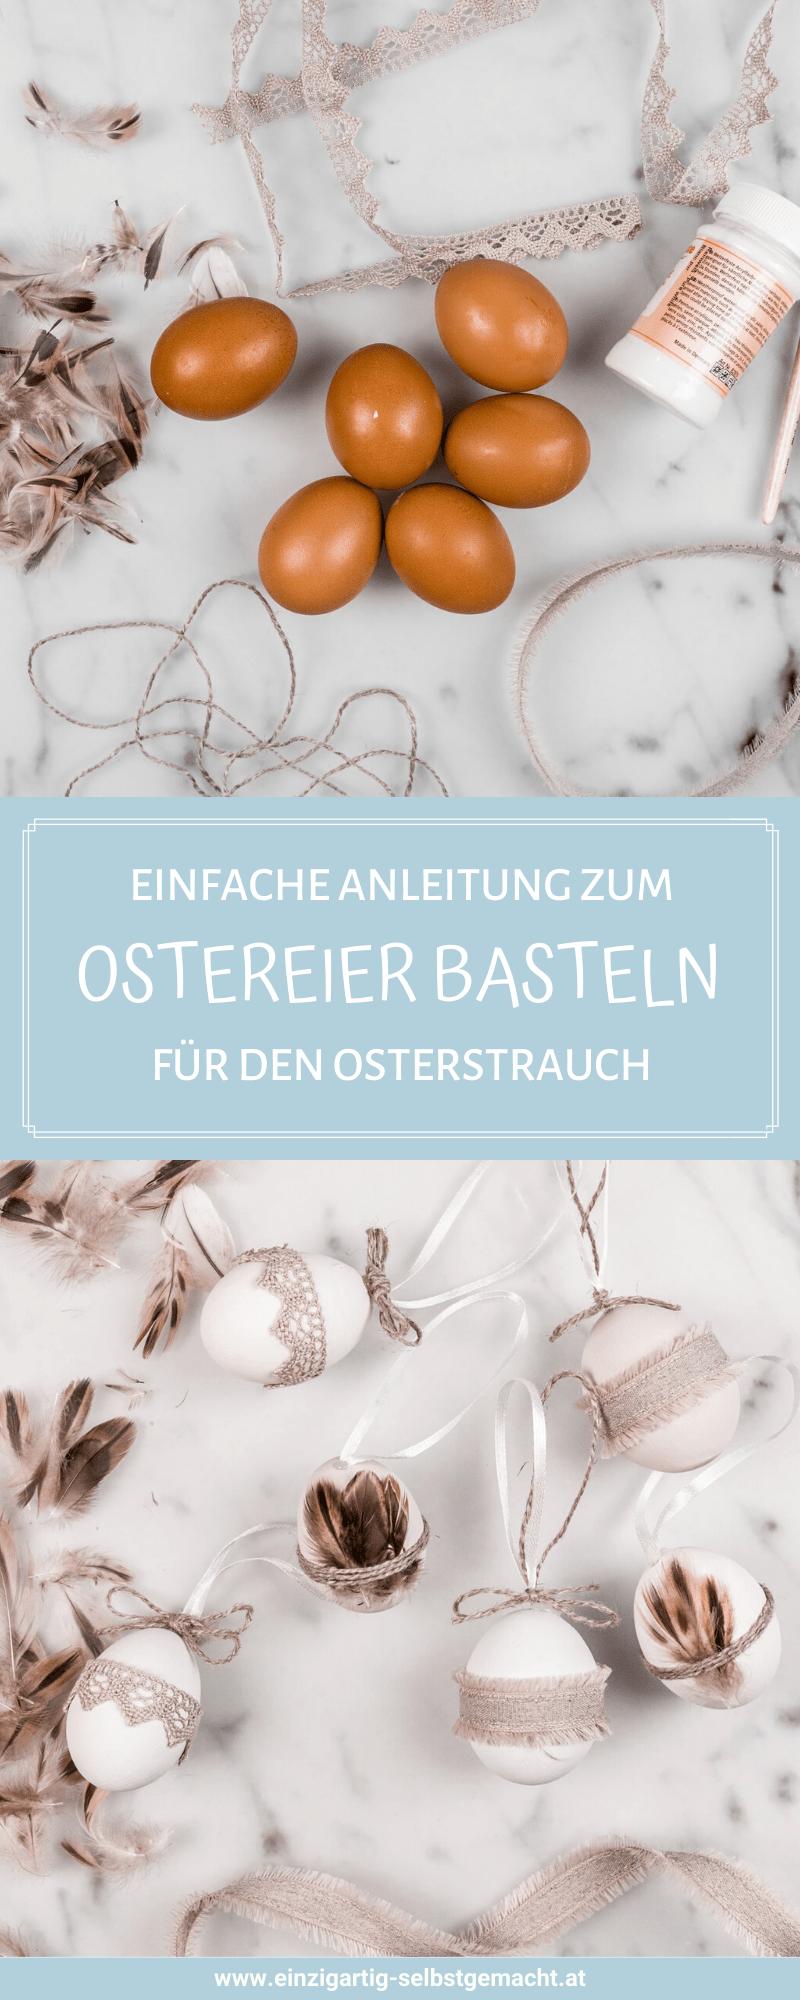 diy-ostereier-basteln-pinterest